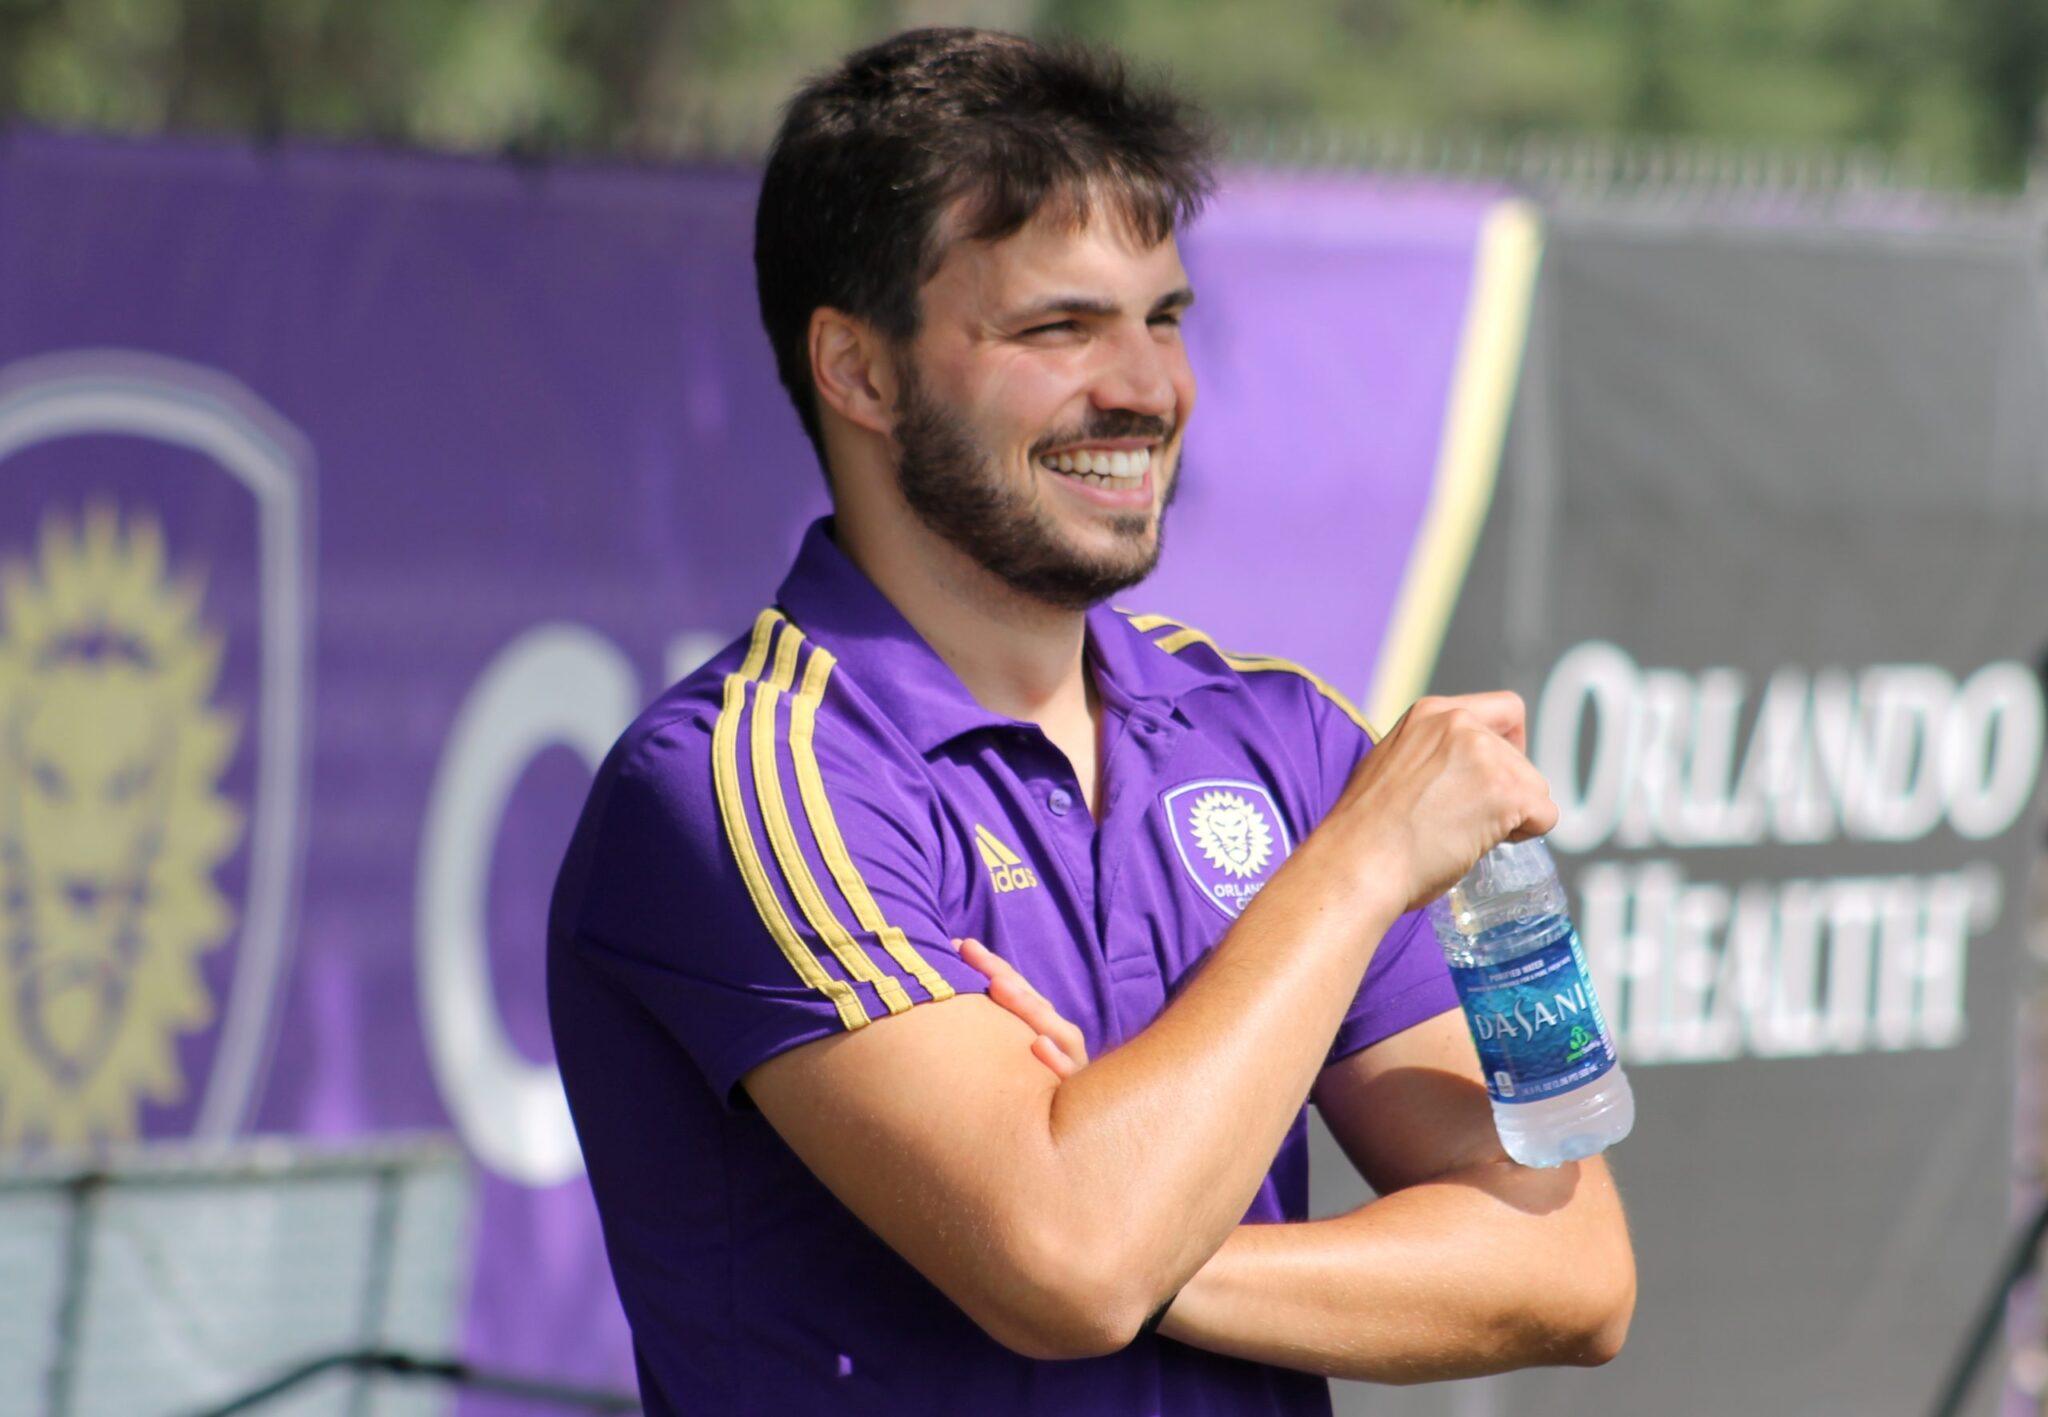 Início como advogado, passagem pelo scouting e nome forte do Orlando City: a trajetória de Ricardo Moreira no futebol